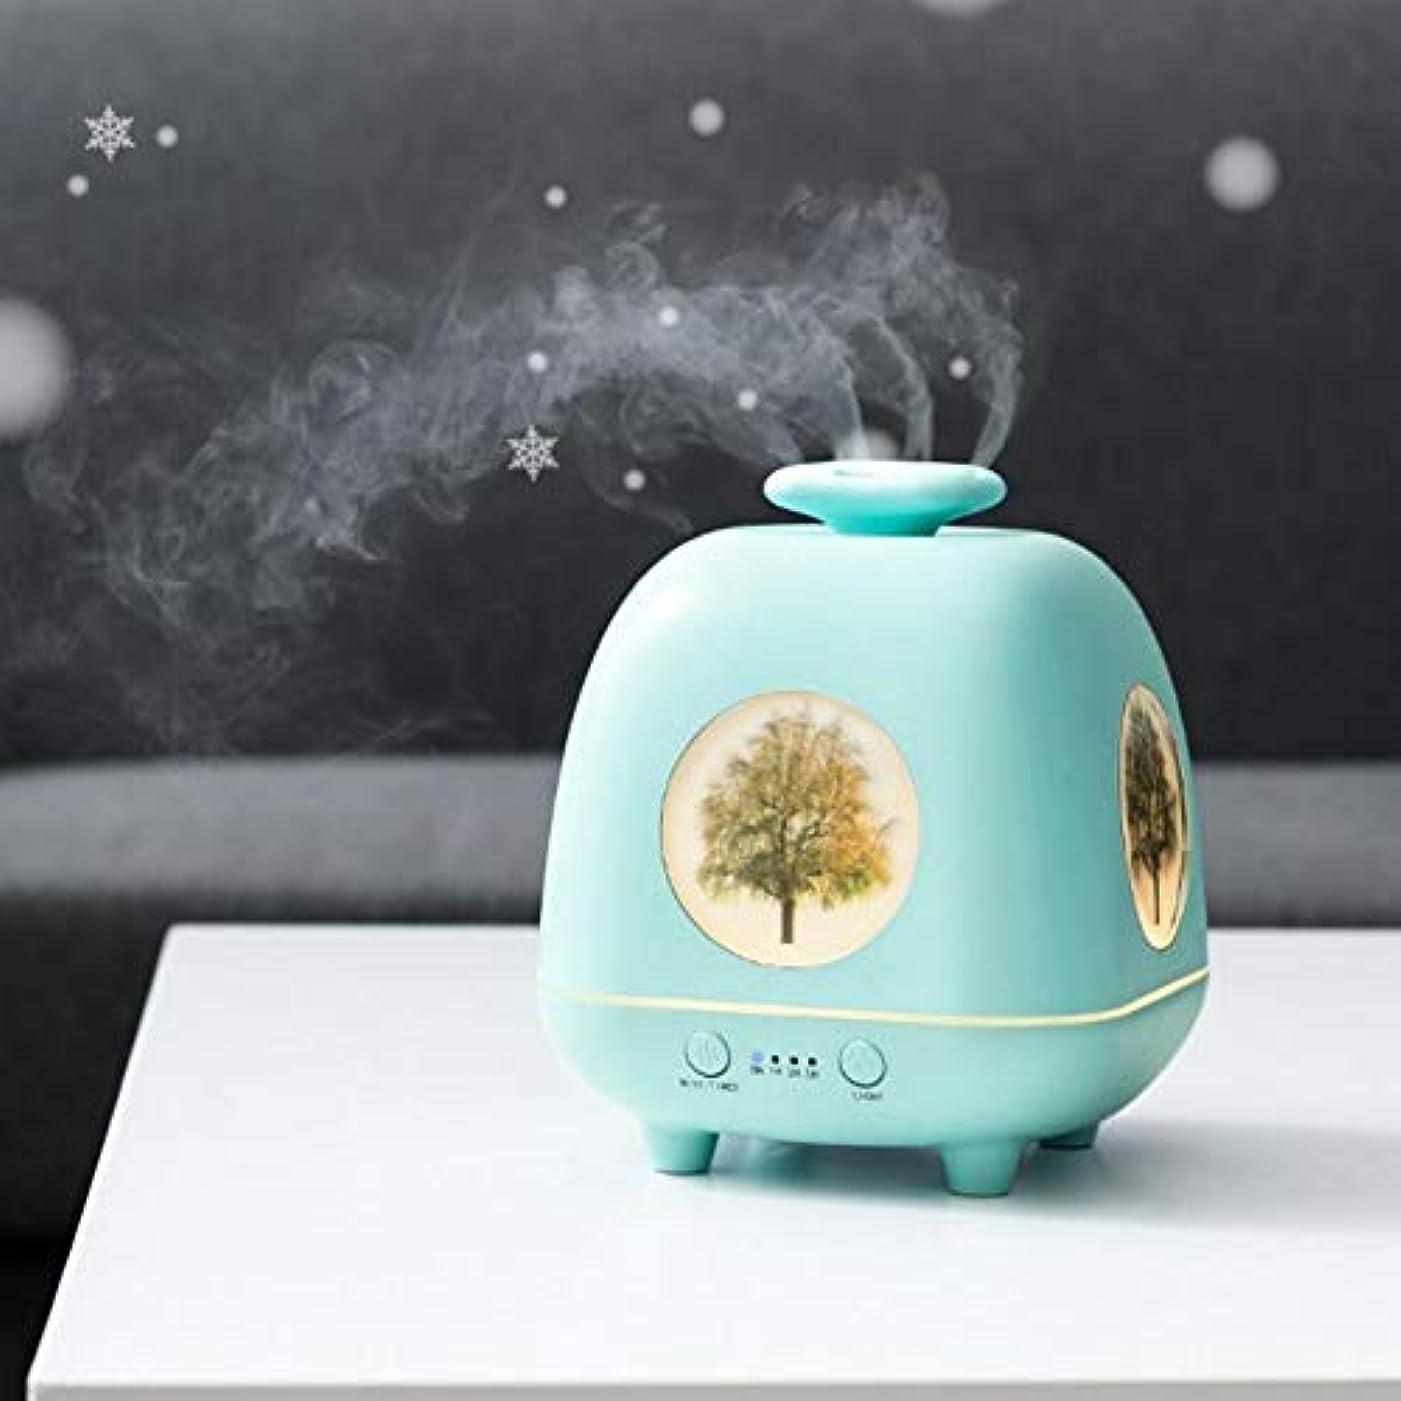 吐き出す評判意見涼しい霧 香り 精油 ディフューザー,7 色 空気を浄化 4穴ノズル 加湿器 時間 加湿機 ホーム Yoga デスク オフィス ベッド-青 230ml